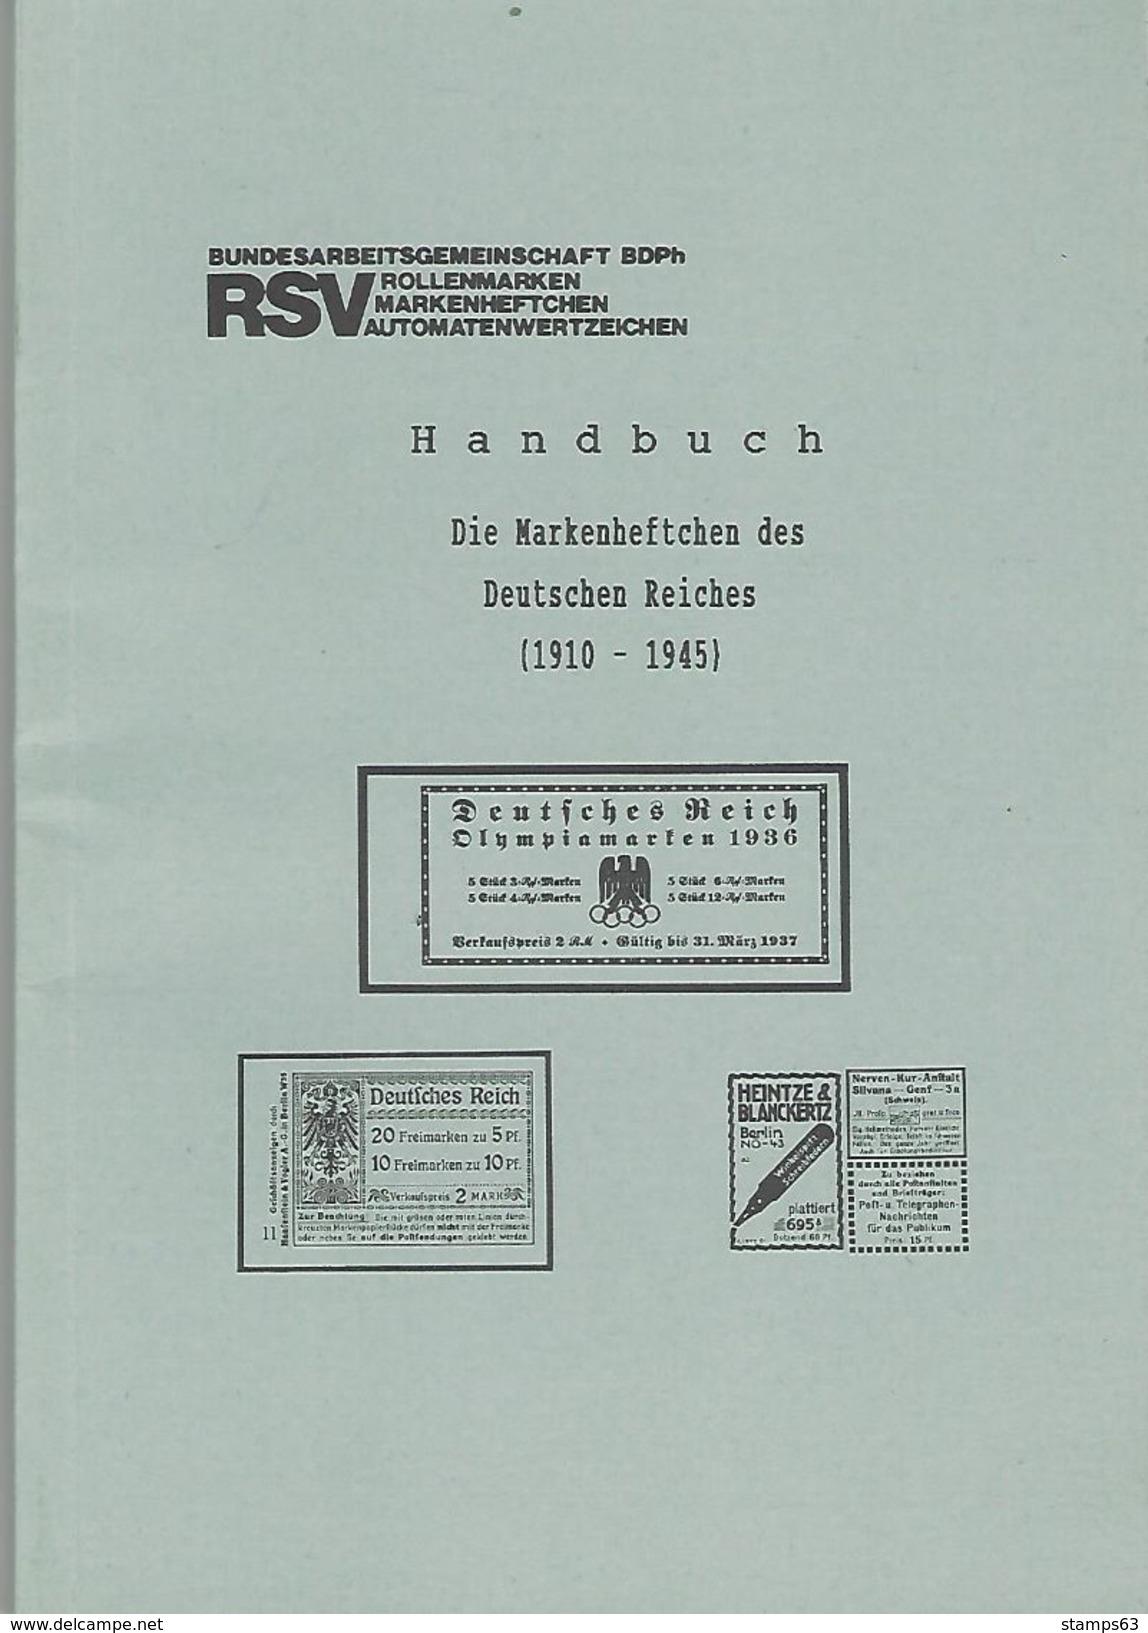 GERMANY HANDBOOK: Markenheftchen Des Deutschen Reiches (1910-1945) - Booklets German Reich - Bayern